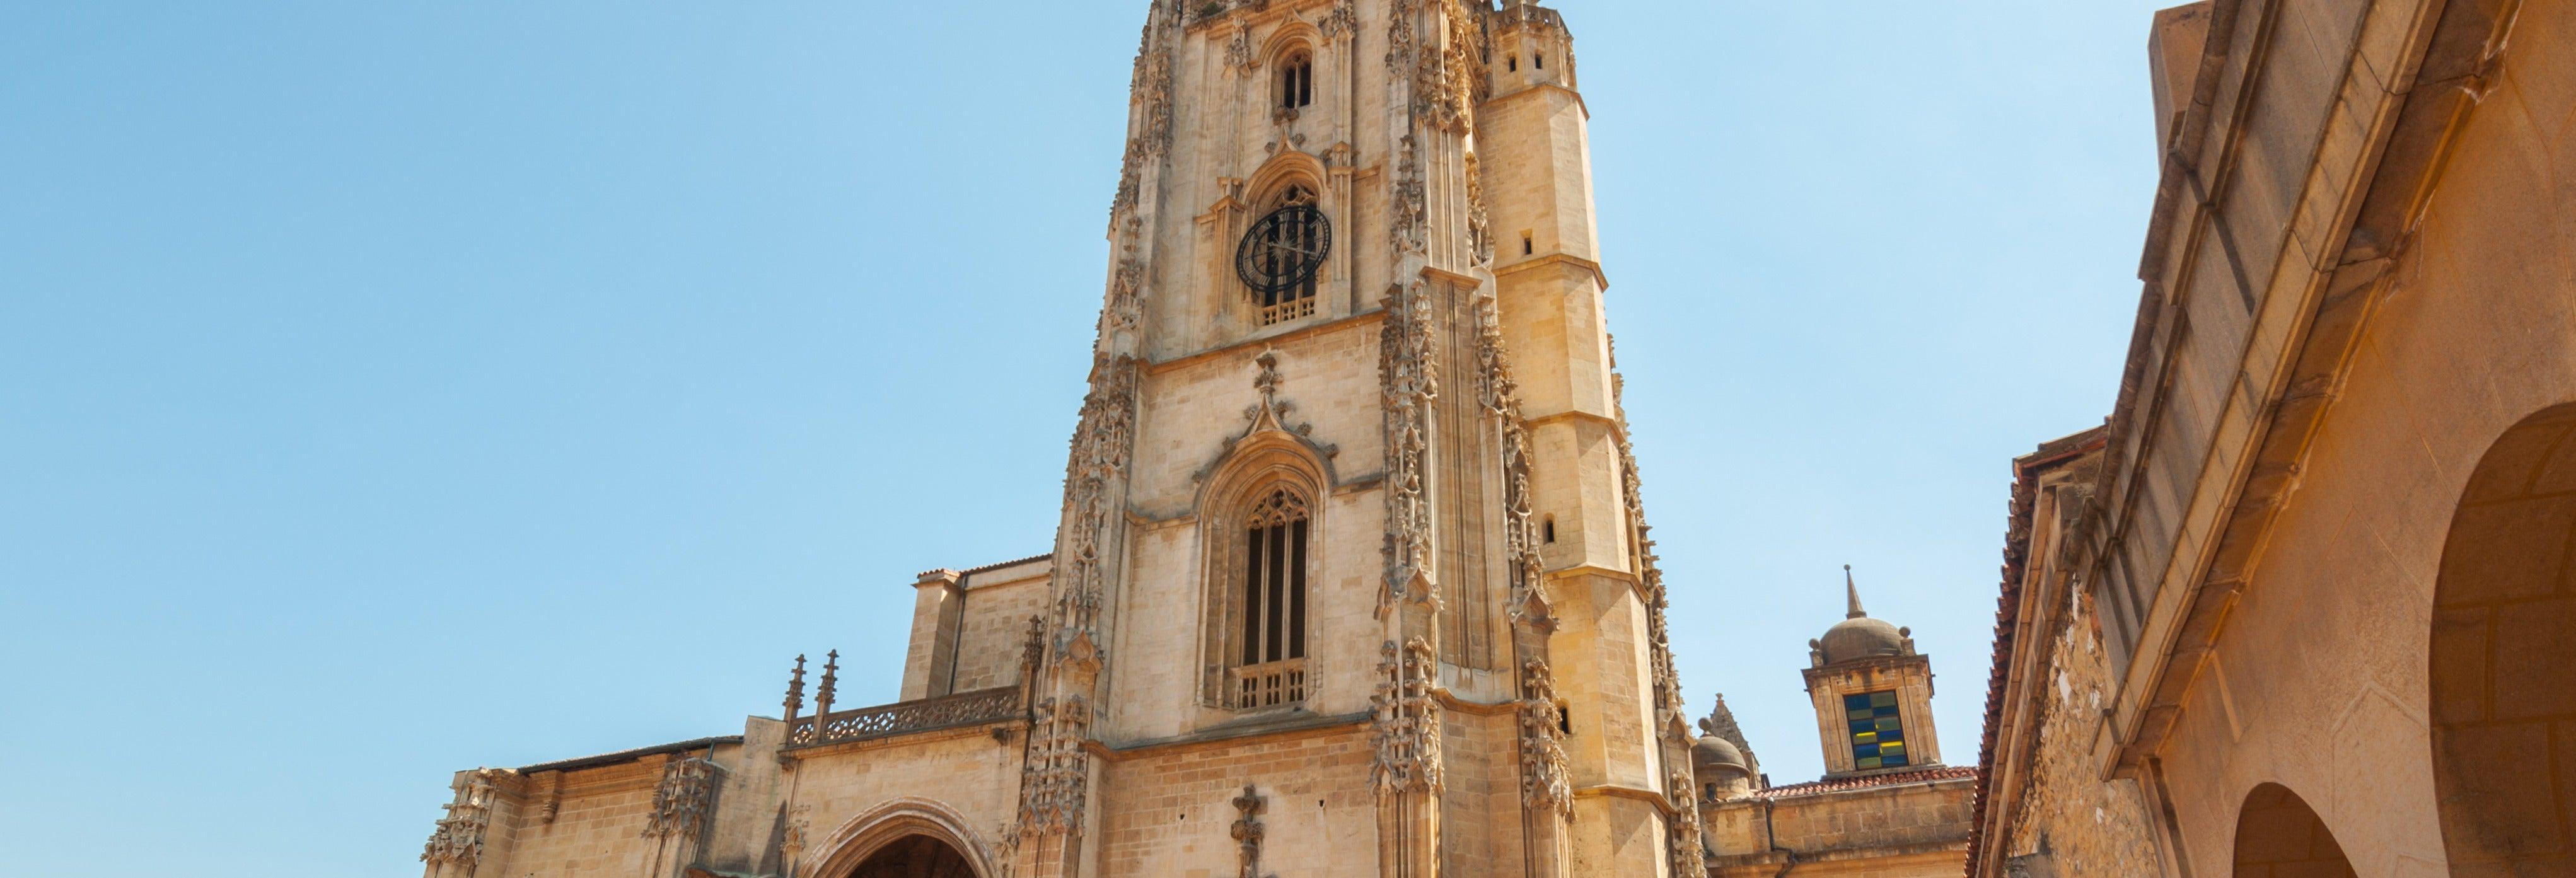 Catedral de Oviedo + Tour de La Regenta